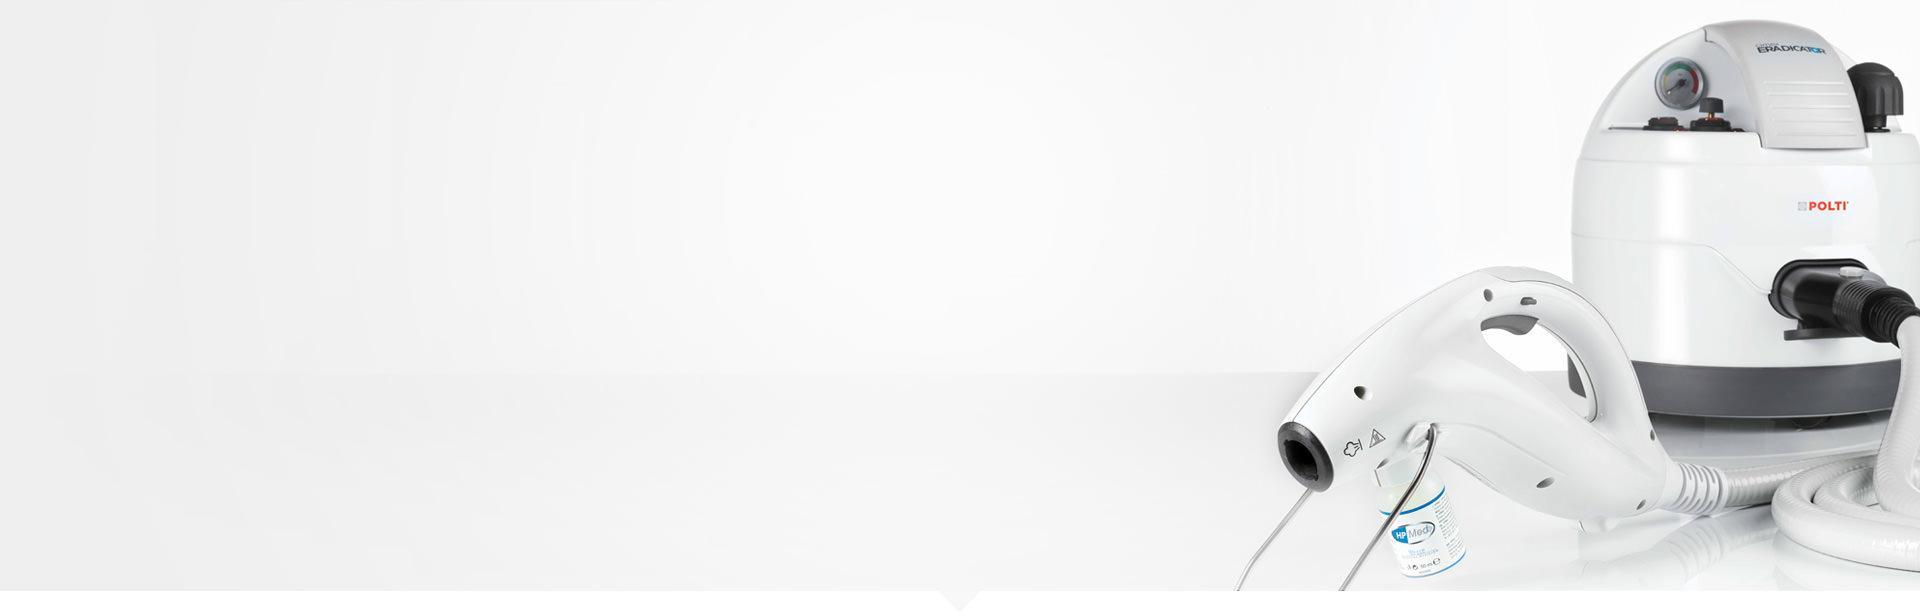 Cimex Eradicator: Dampfgerät zur Bekämpfung von Bettwanzen